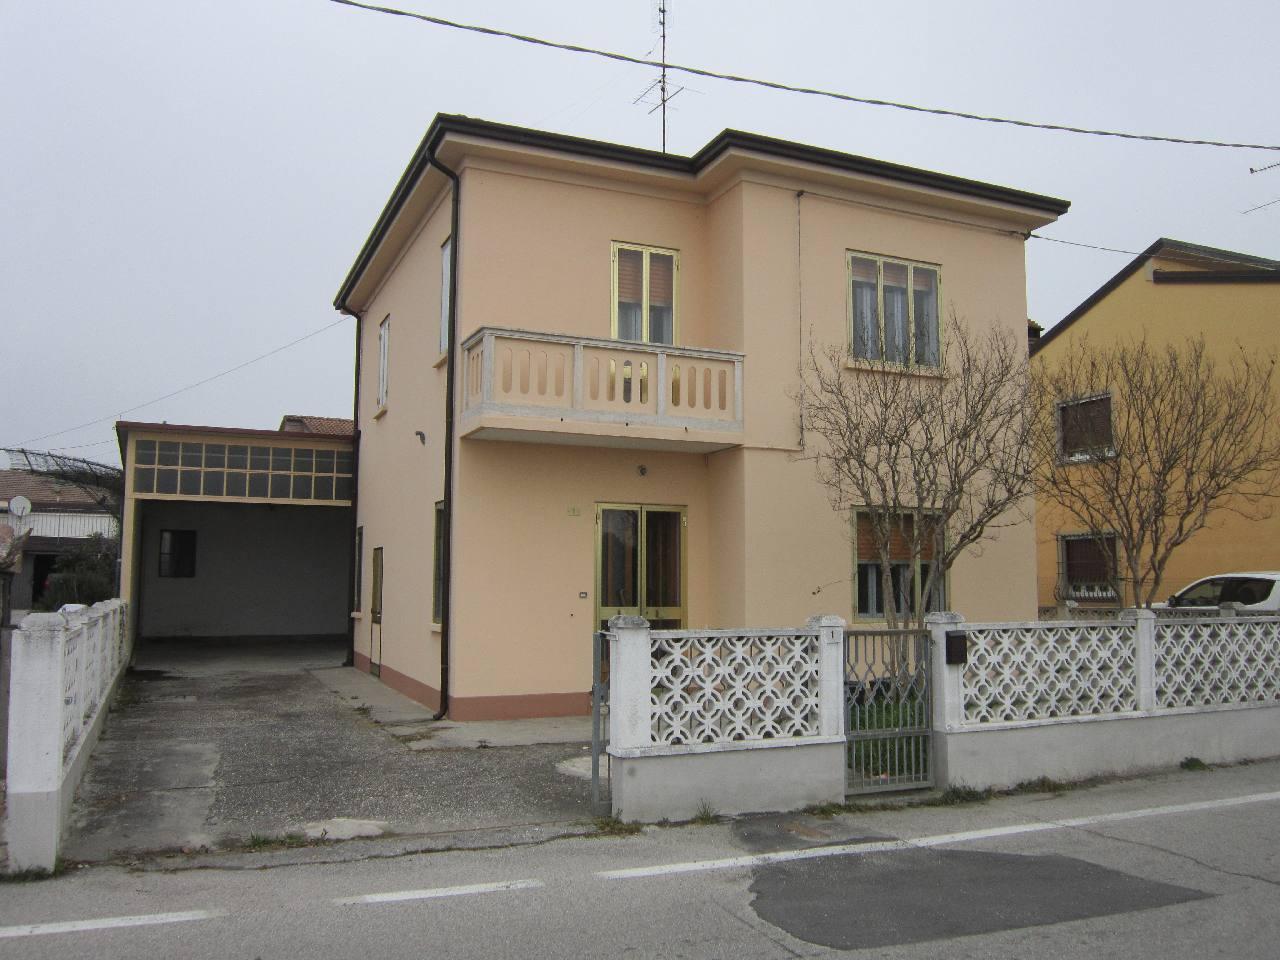 Foto 1 di Casa indipendente Vigarano Mainarda, Vigarano Mainarda